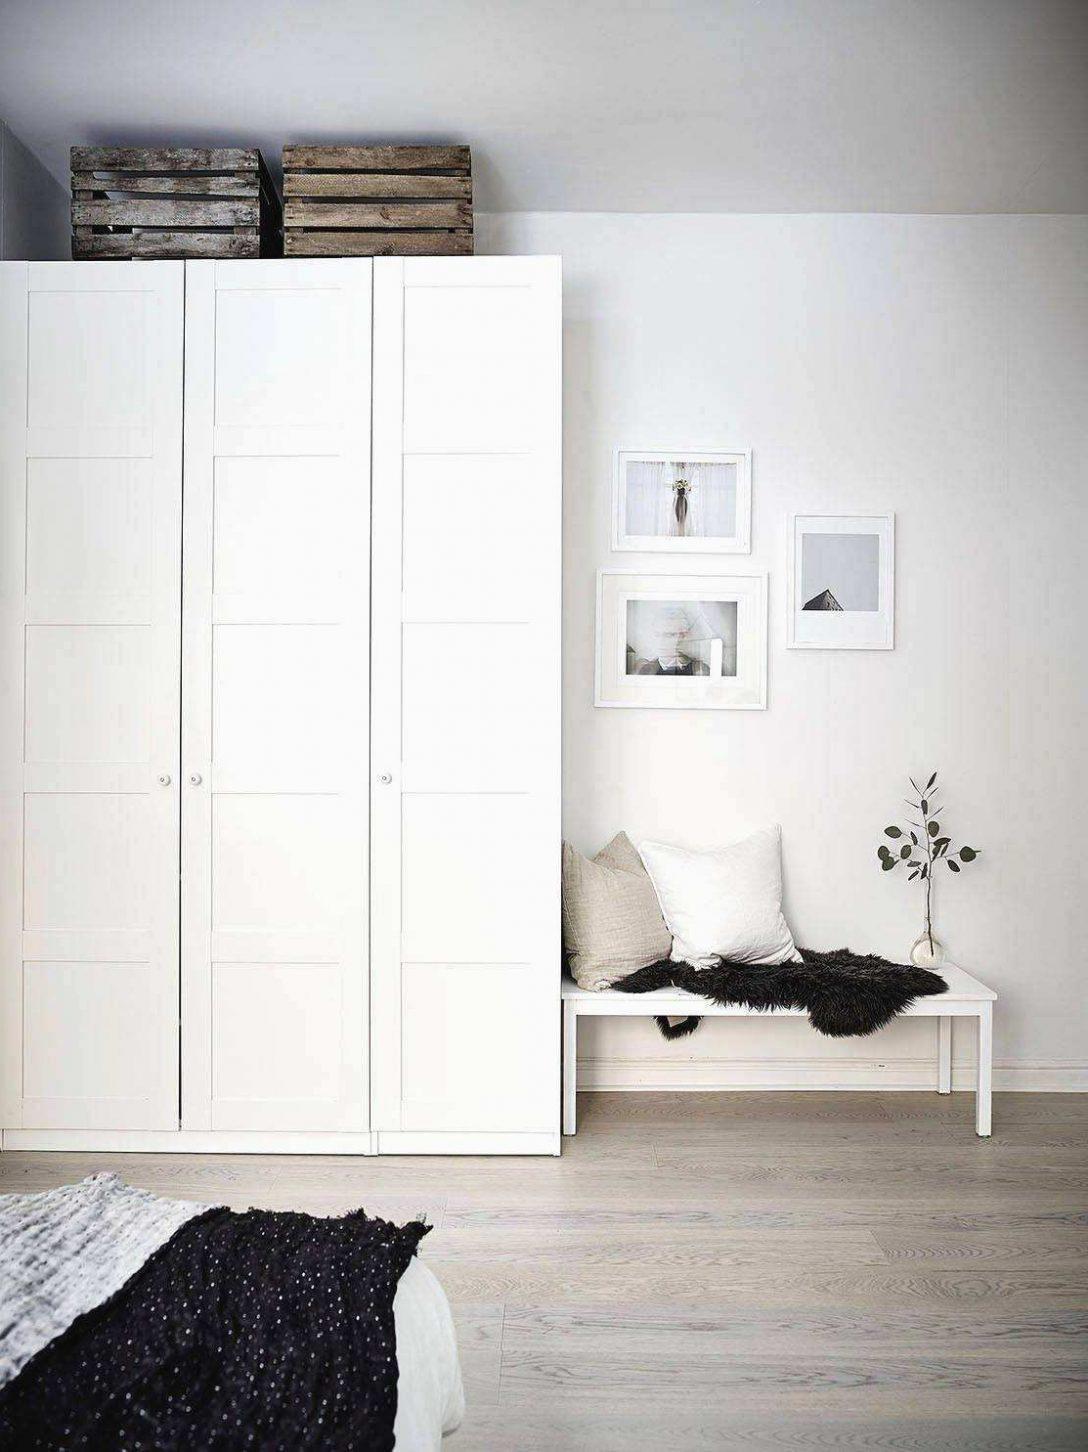 Large Size of Sessel Schlafzimmer 45 Tolle Von Komplett Ikea Planen Ydbh4viq Der Led Deckenleuchte Wandleuchte Luxus Teppich Wohnzimmer Günstig Mit Lattenrost Und Matratze Schlafzimmer Sessel Schlafzimmer